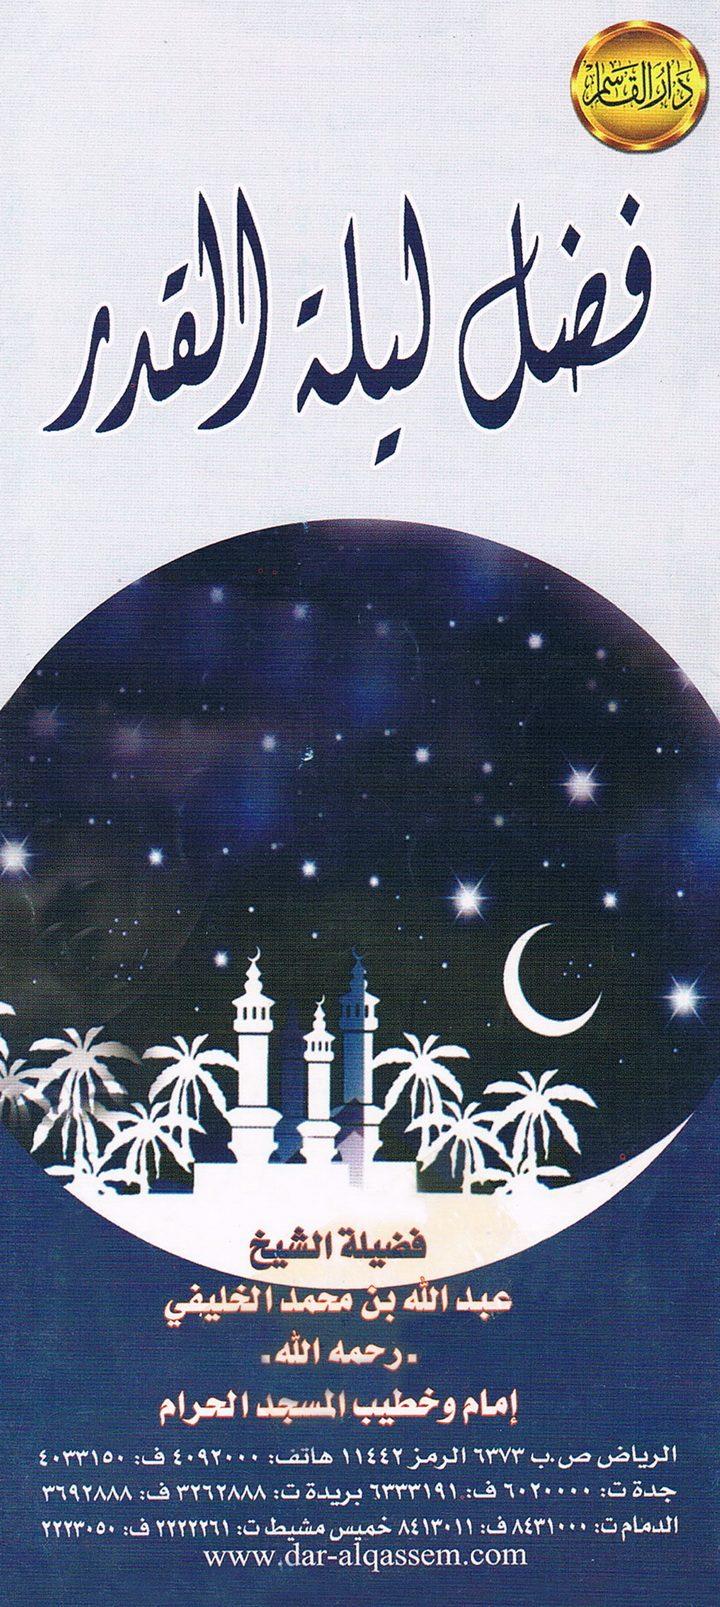 فضل ليلة القدر  (عبدالله الخليفي – دار القاسم)